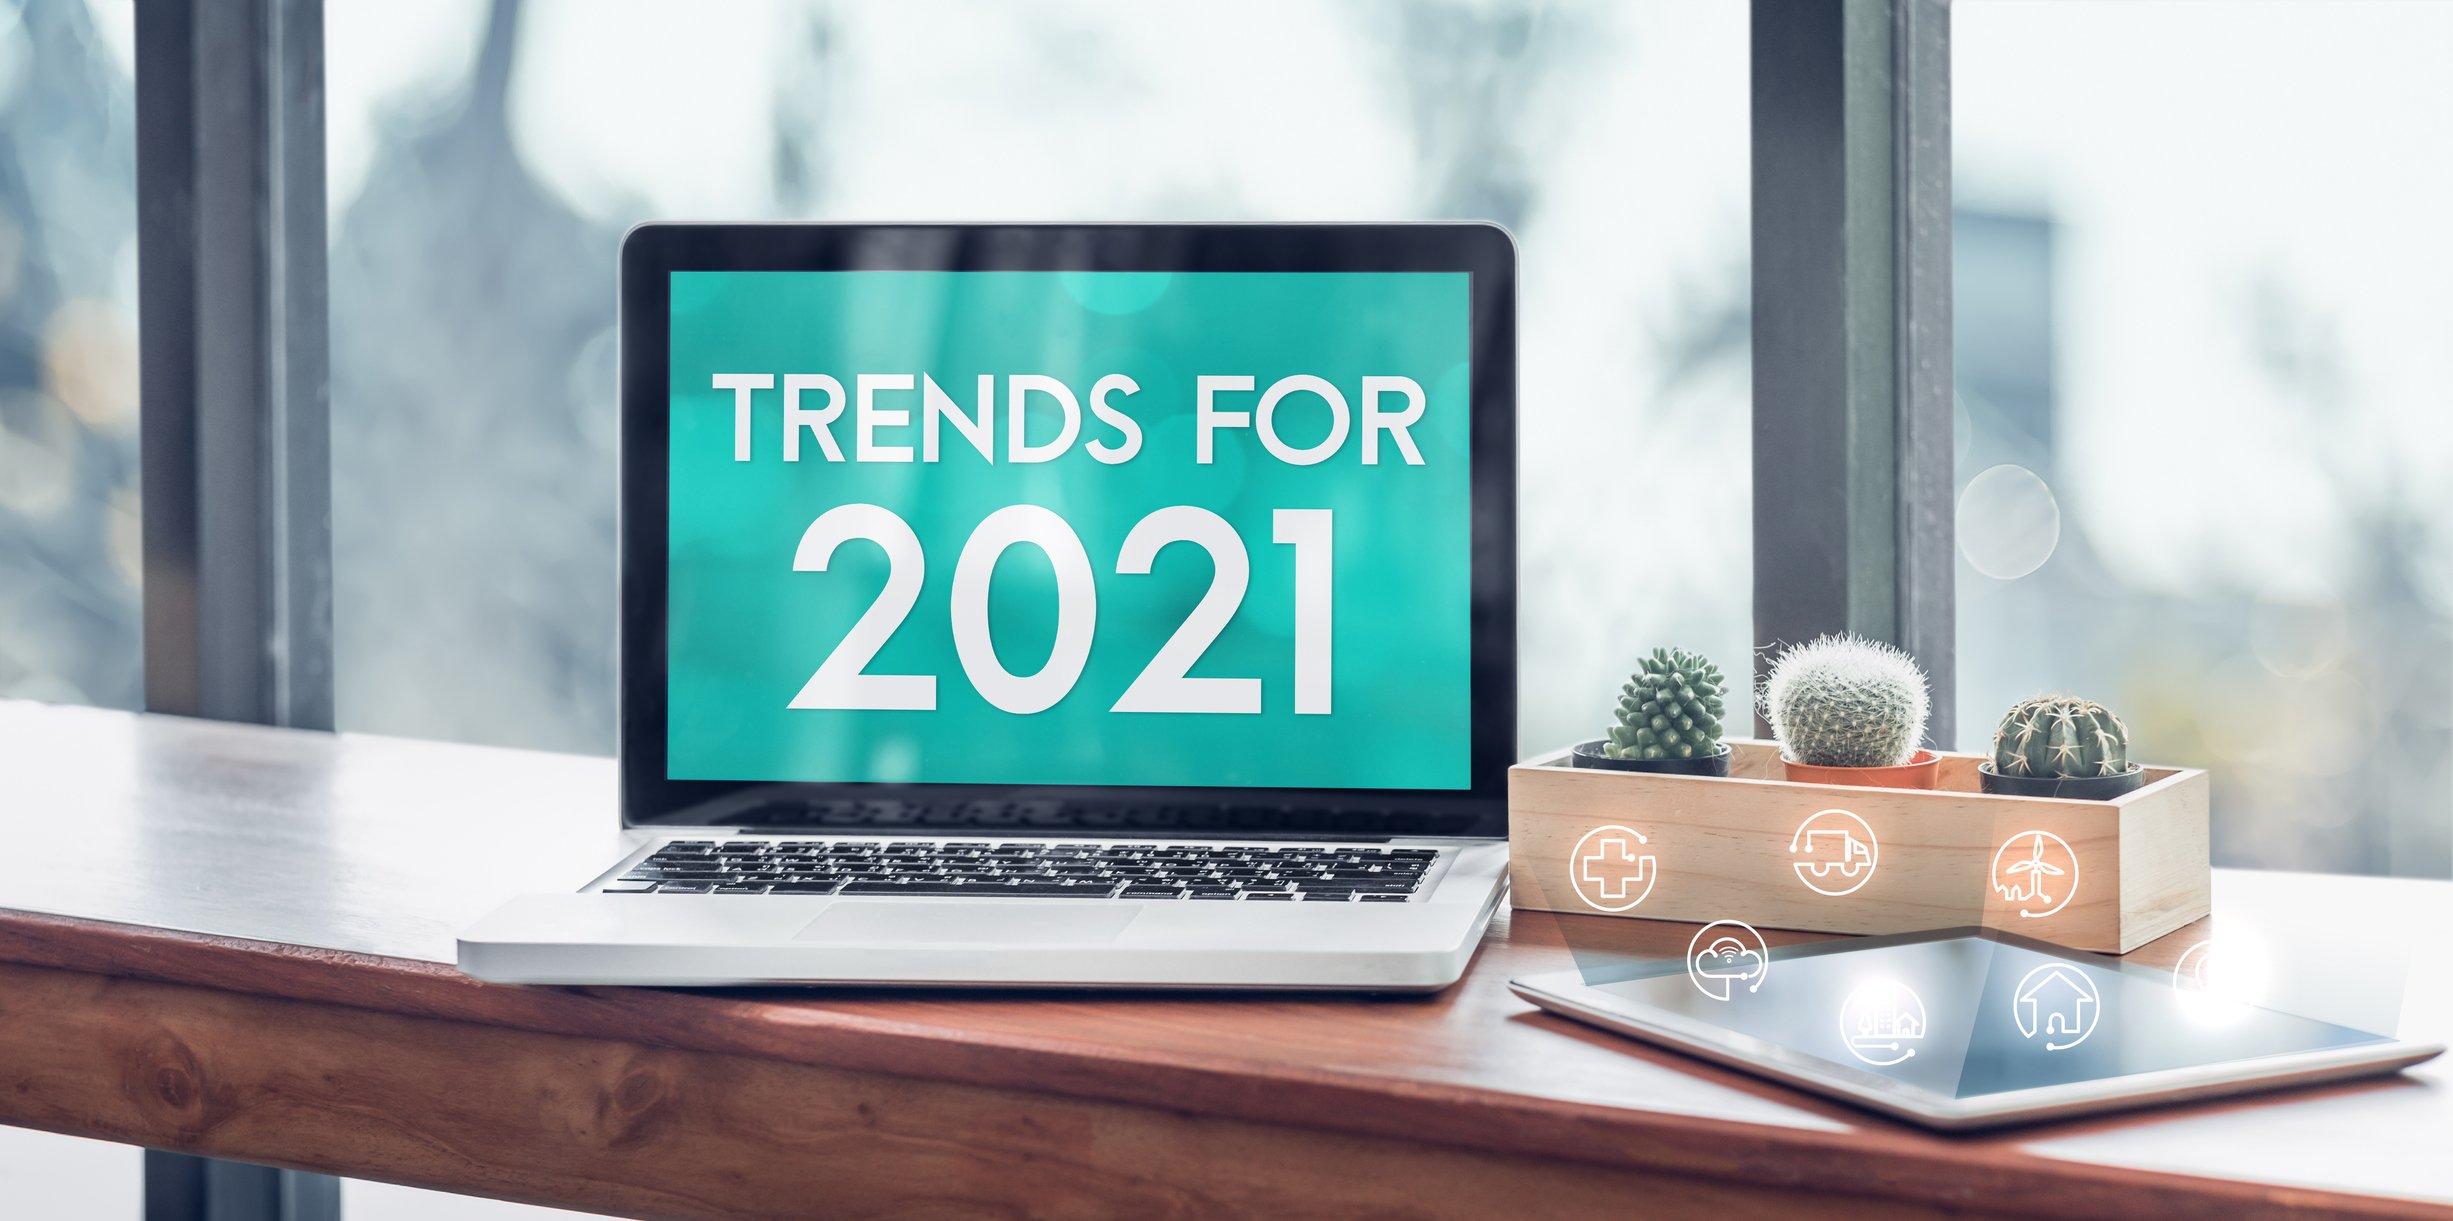 piattaforme social più utilizzate nel 2021